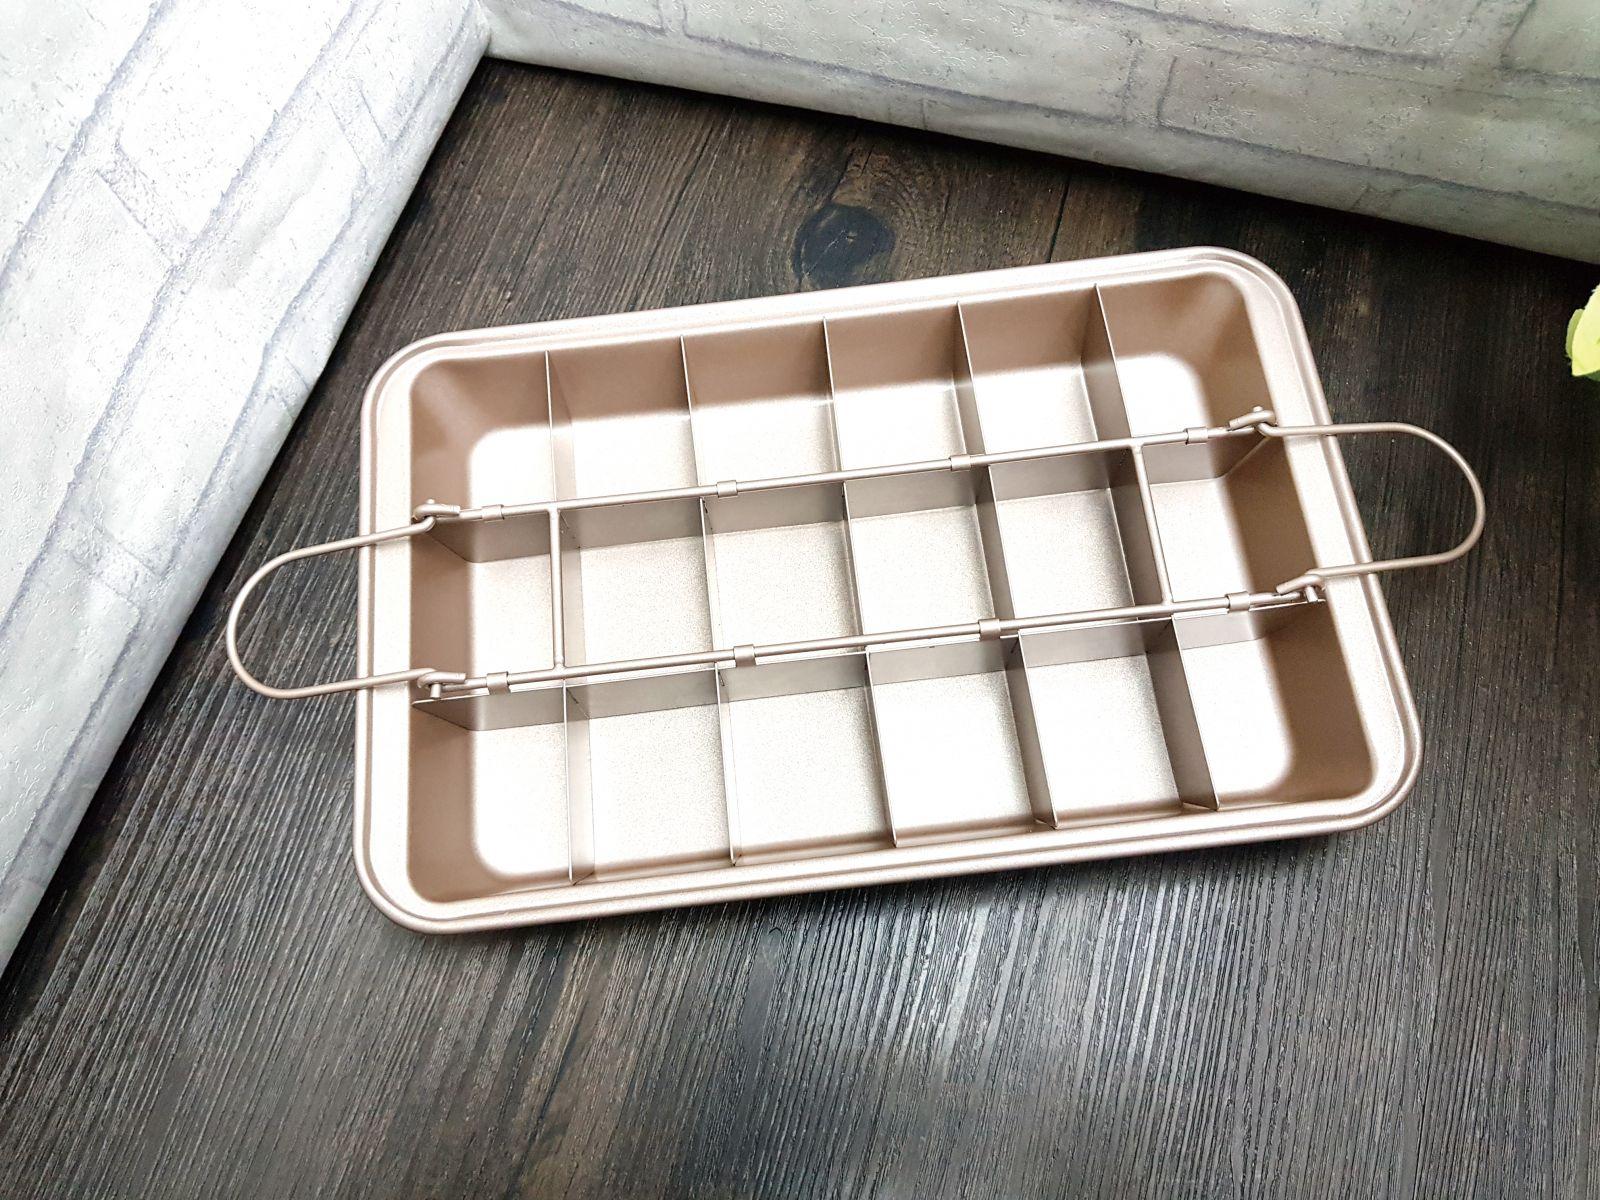 三箭牌多用途18格不沾烤模(G7371) 布朗尼烤盤 蛋糕 派盤 DIY系列 親子遊戲 手作餅乾模型(依凡卡百貨)